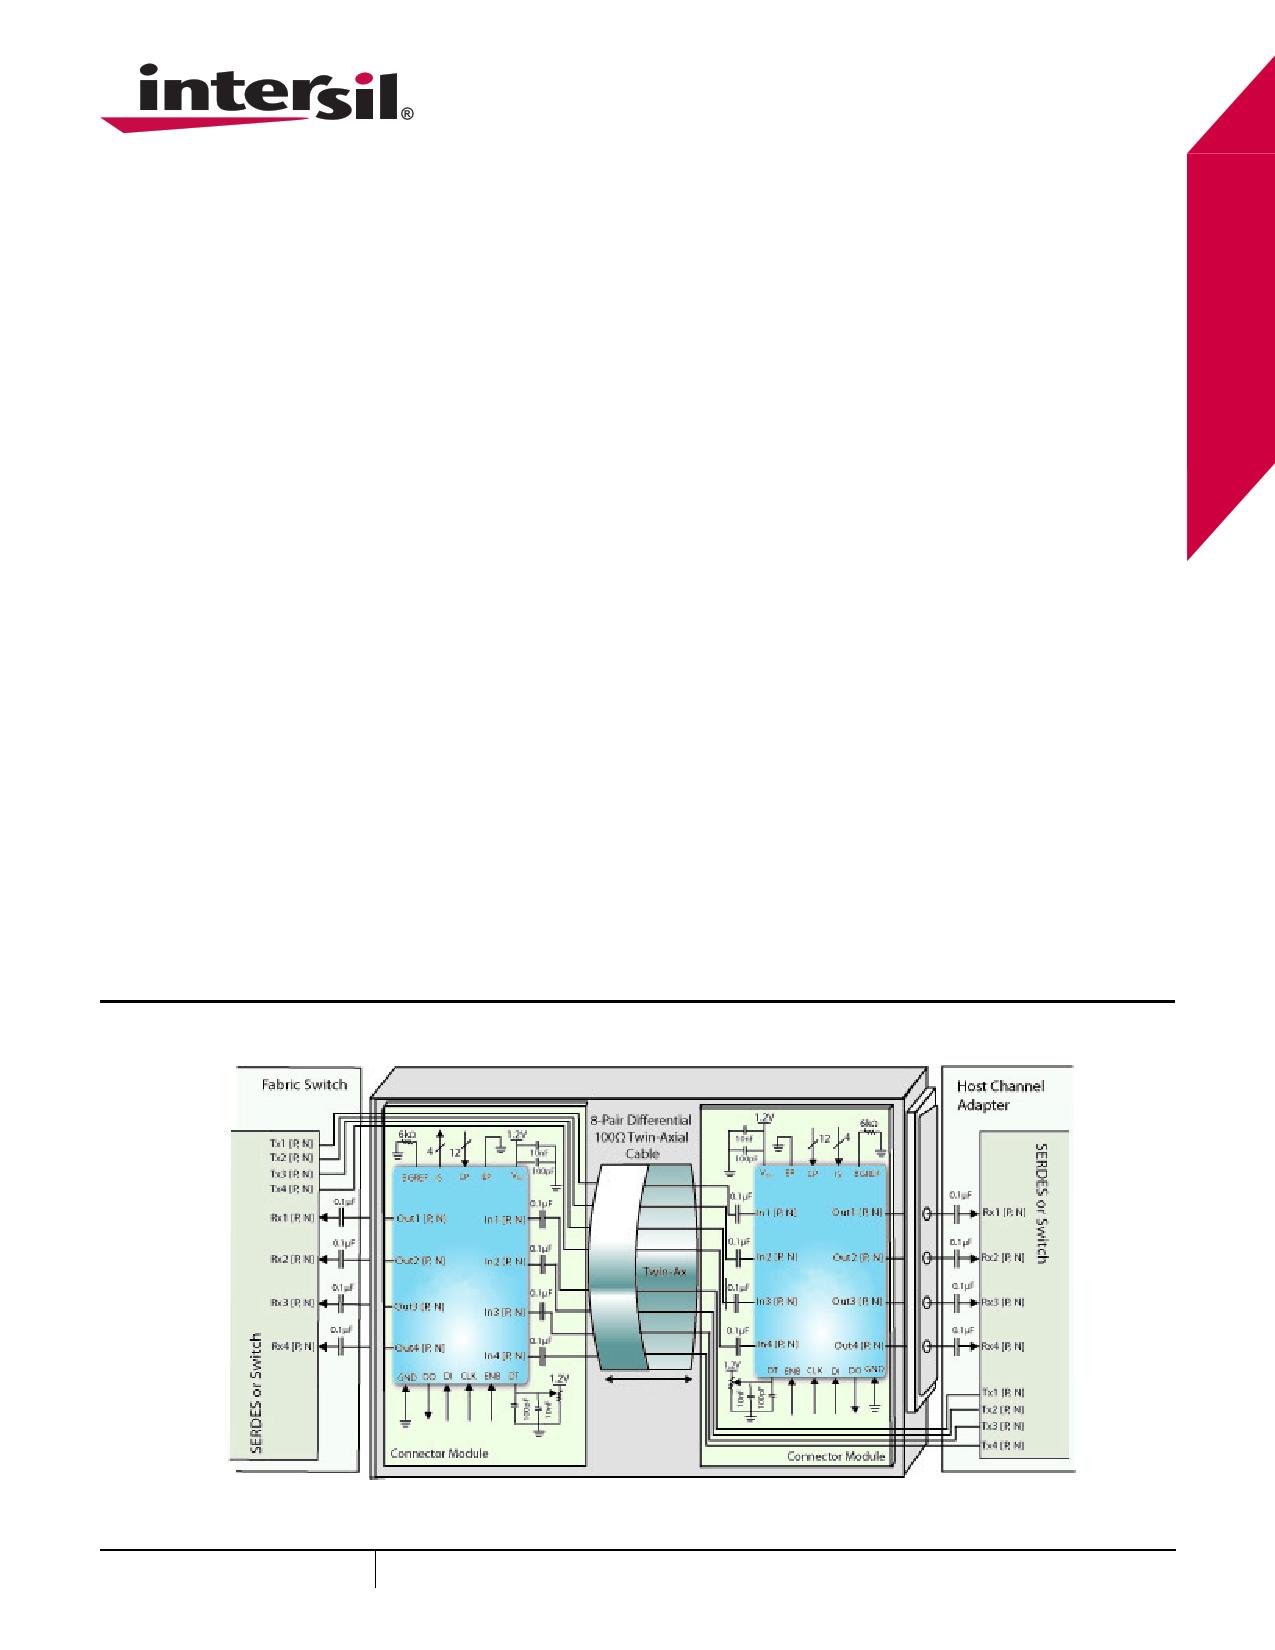 QLX4300-S45 datasheet